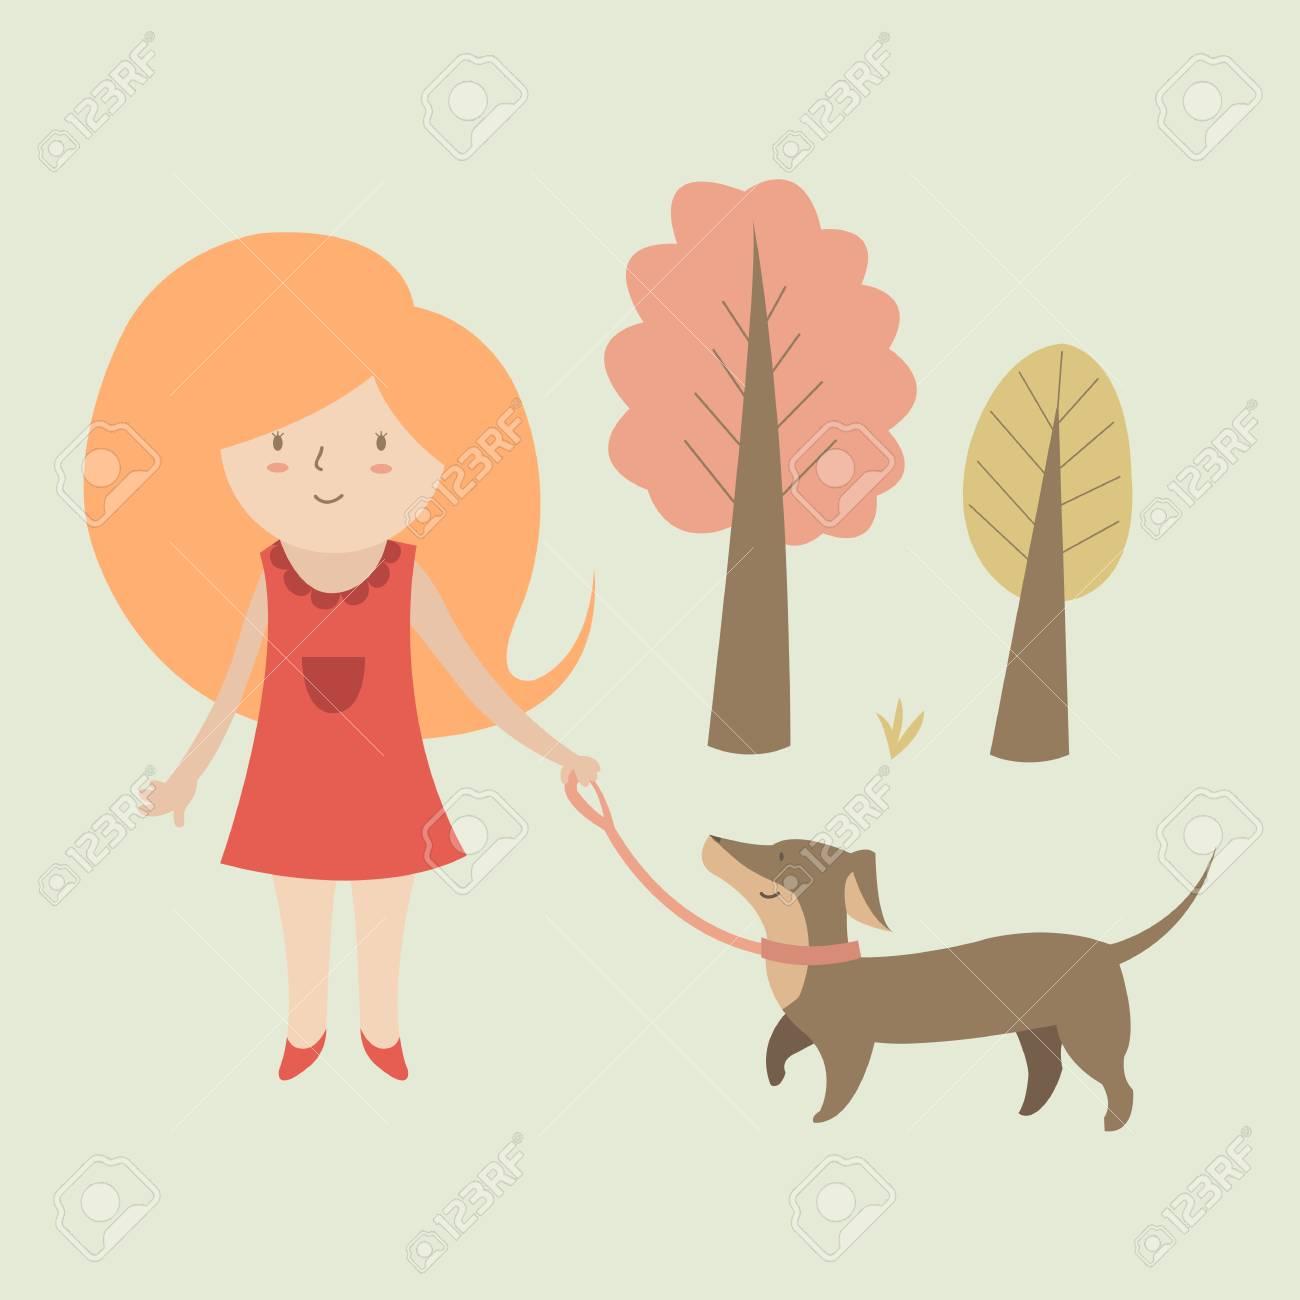 犬と一緒にかわいいイラスト女の子のイラスト素材ベクタ Image 42779824